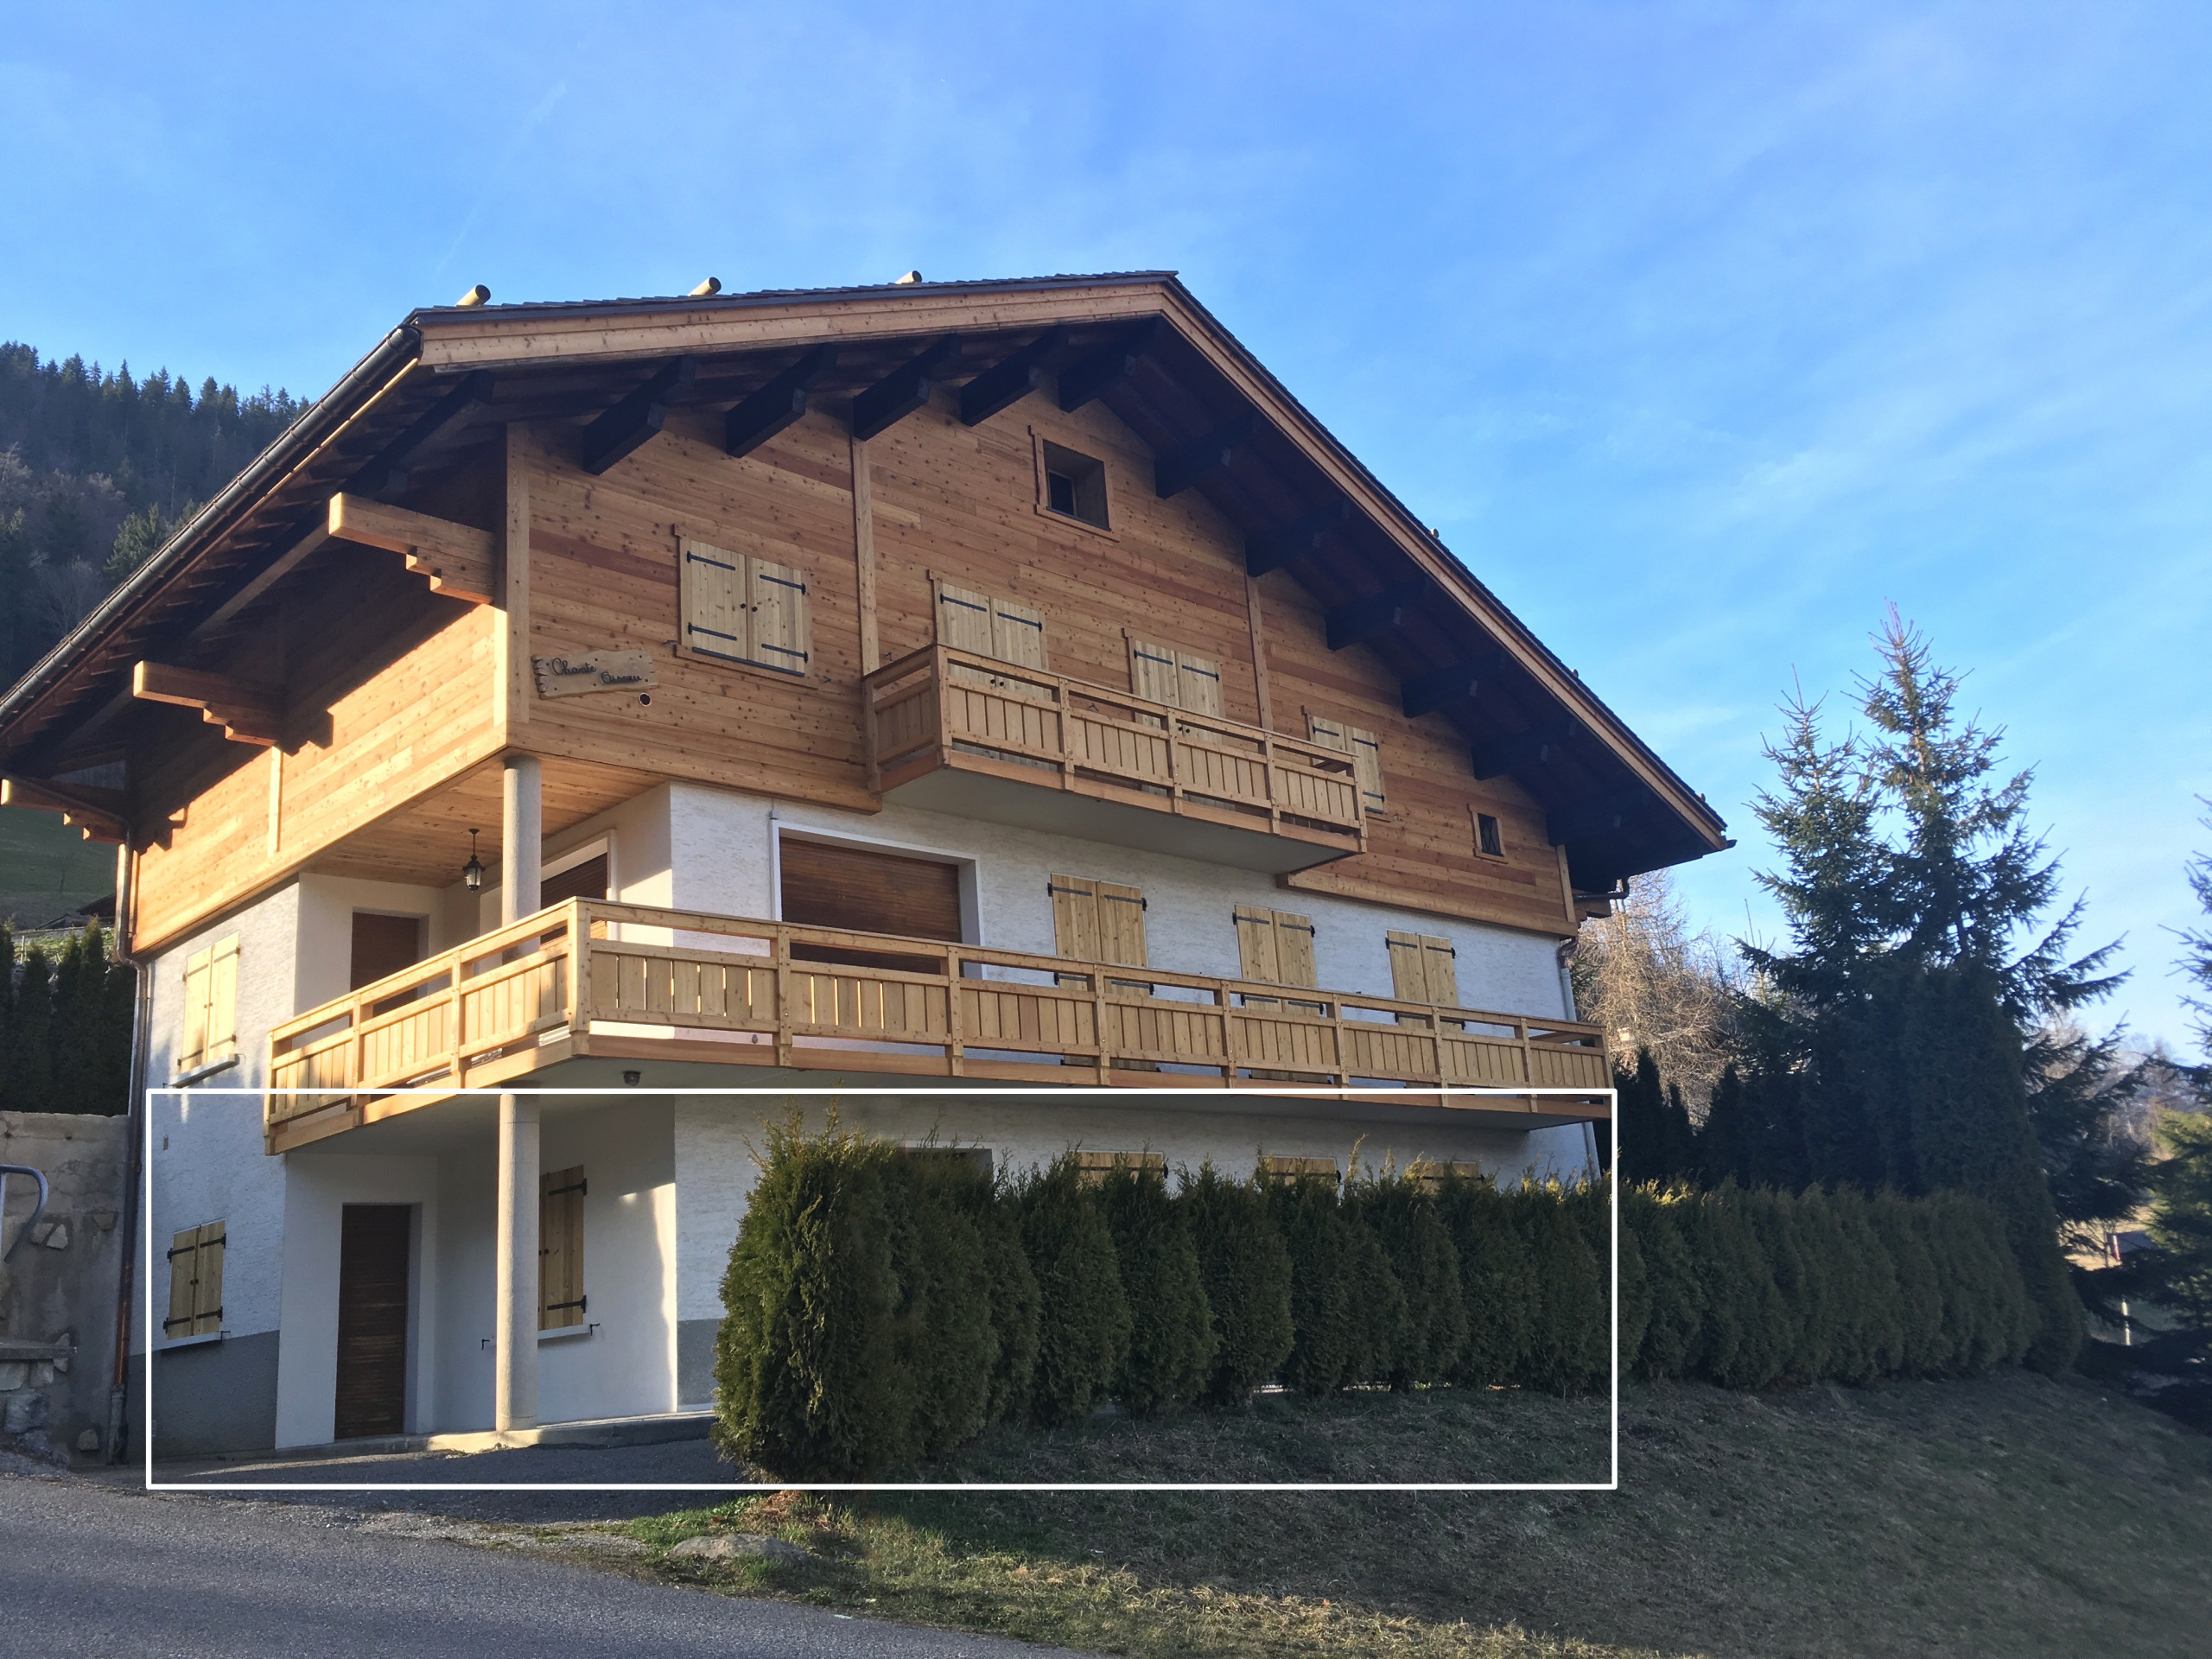 Villa in La Clusaz - Chantoiseau 1 - Apartment for 6 people 2* on the ski slope